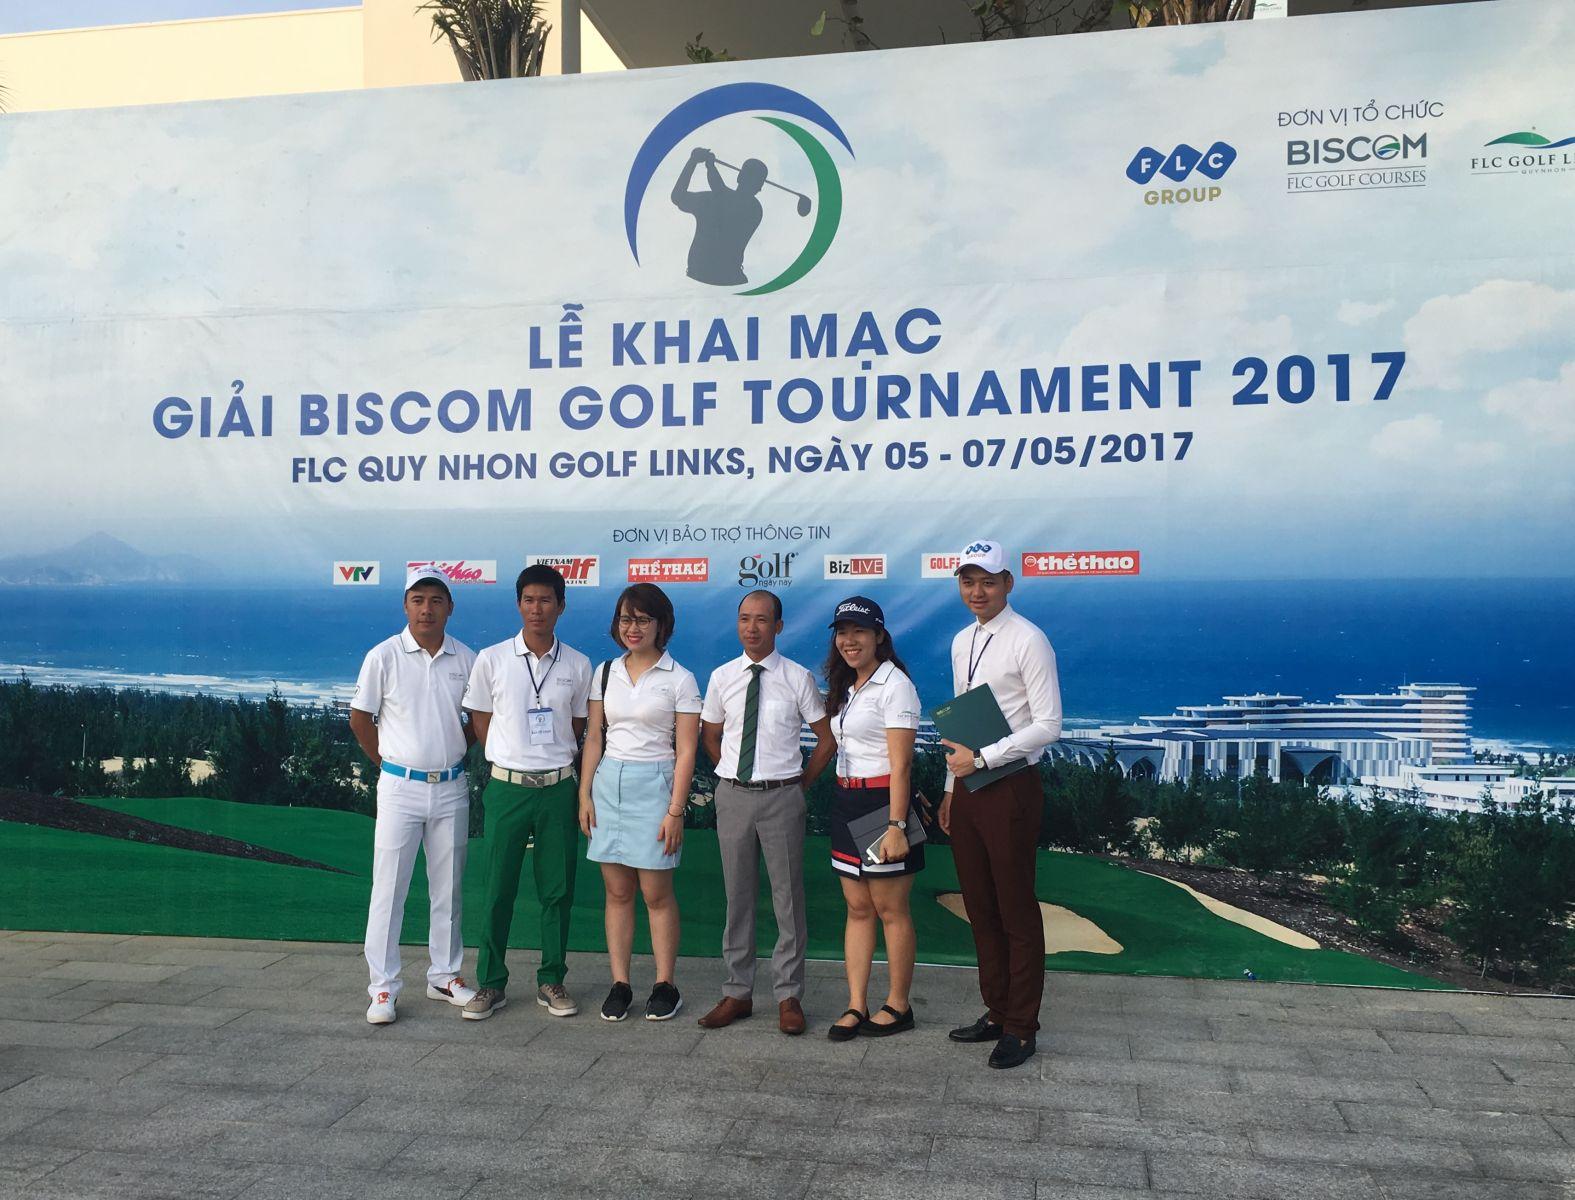 Biscom Golf Tournament 2017 chính thức khởi tranh với hơn 700 golfer tham dự